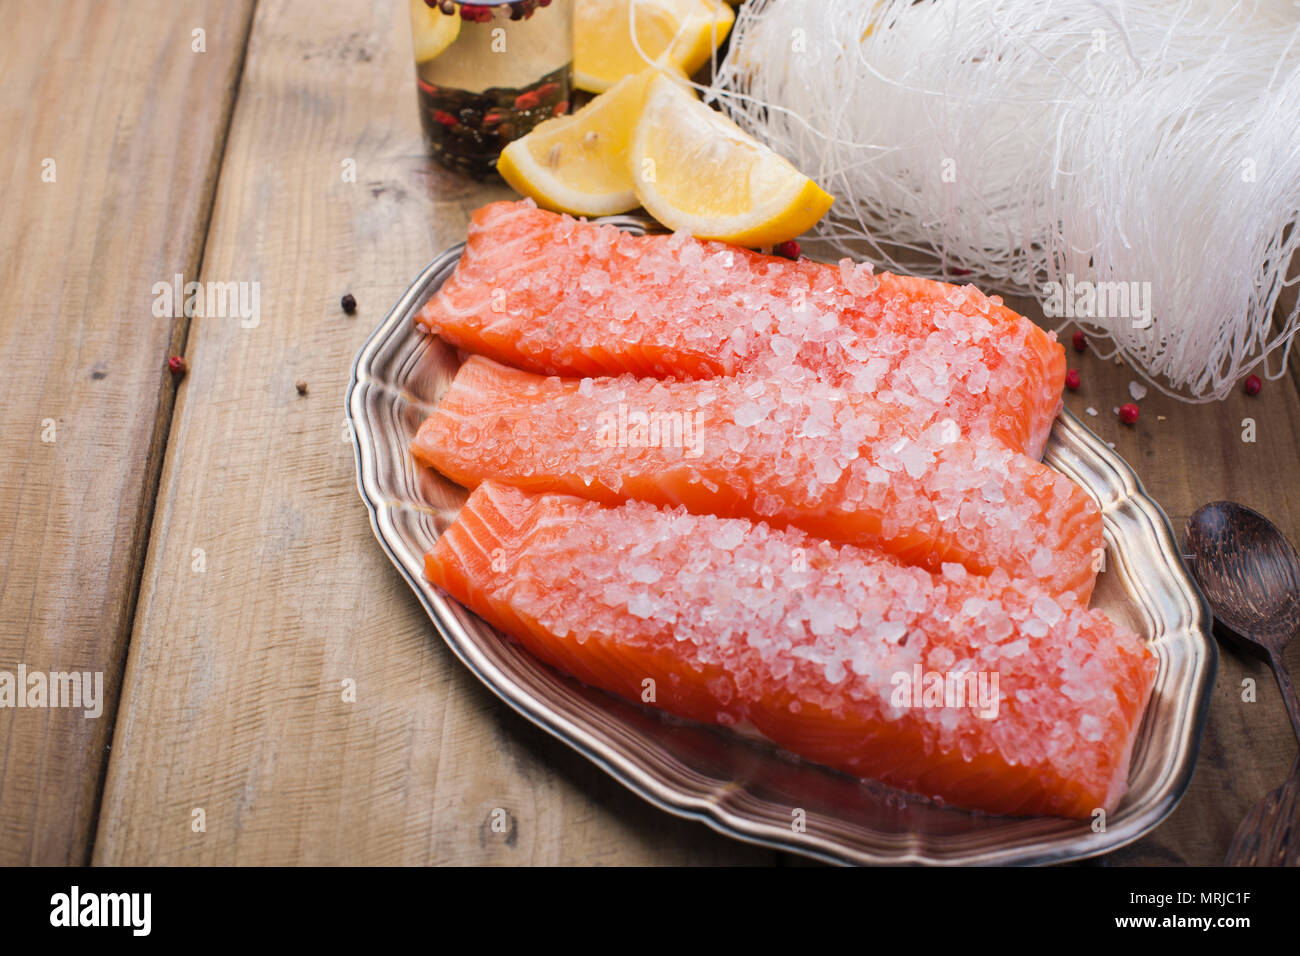 Filet de saumon cru avec du poivre de ris de veau et de sel sur du papier sulfurisé thème rustique avec copie-espace. Photo Stock